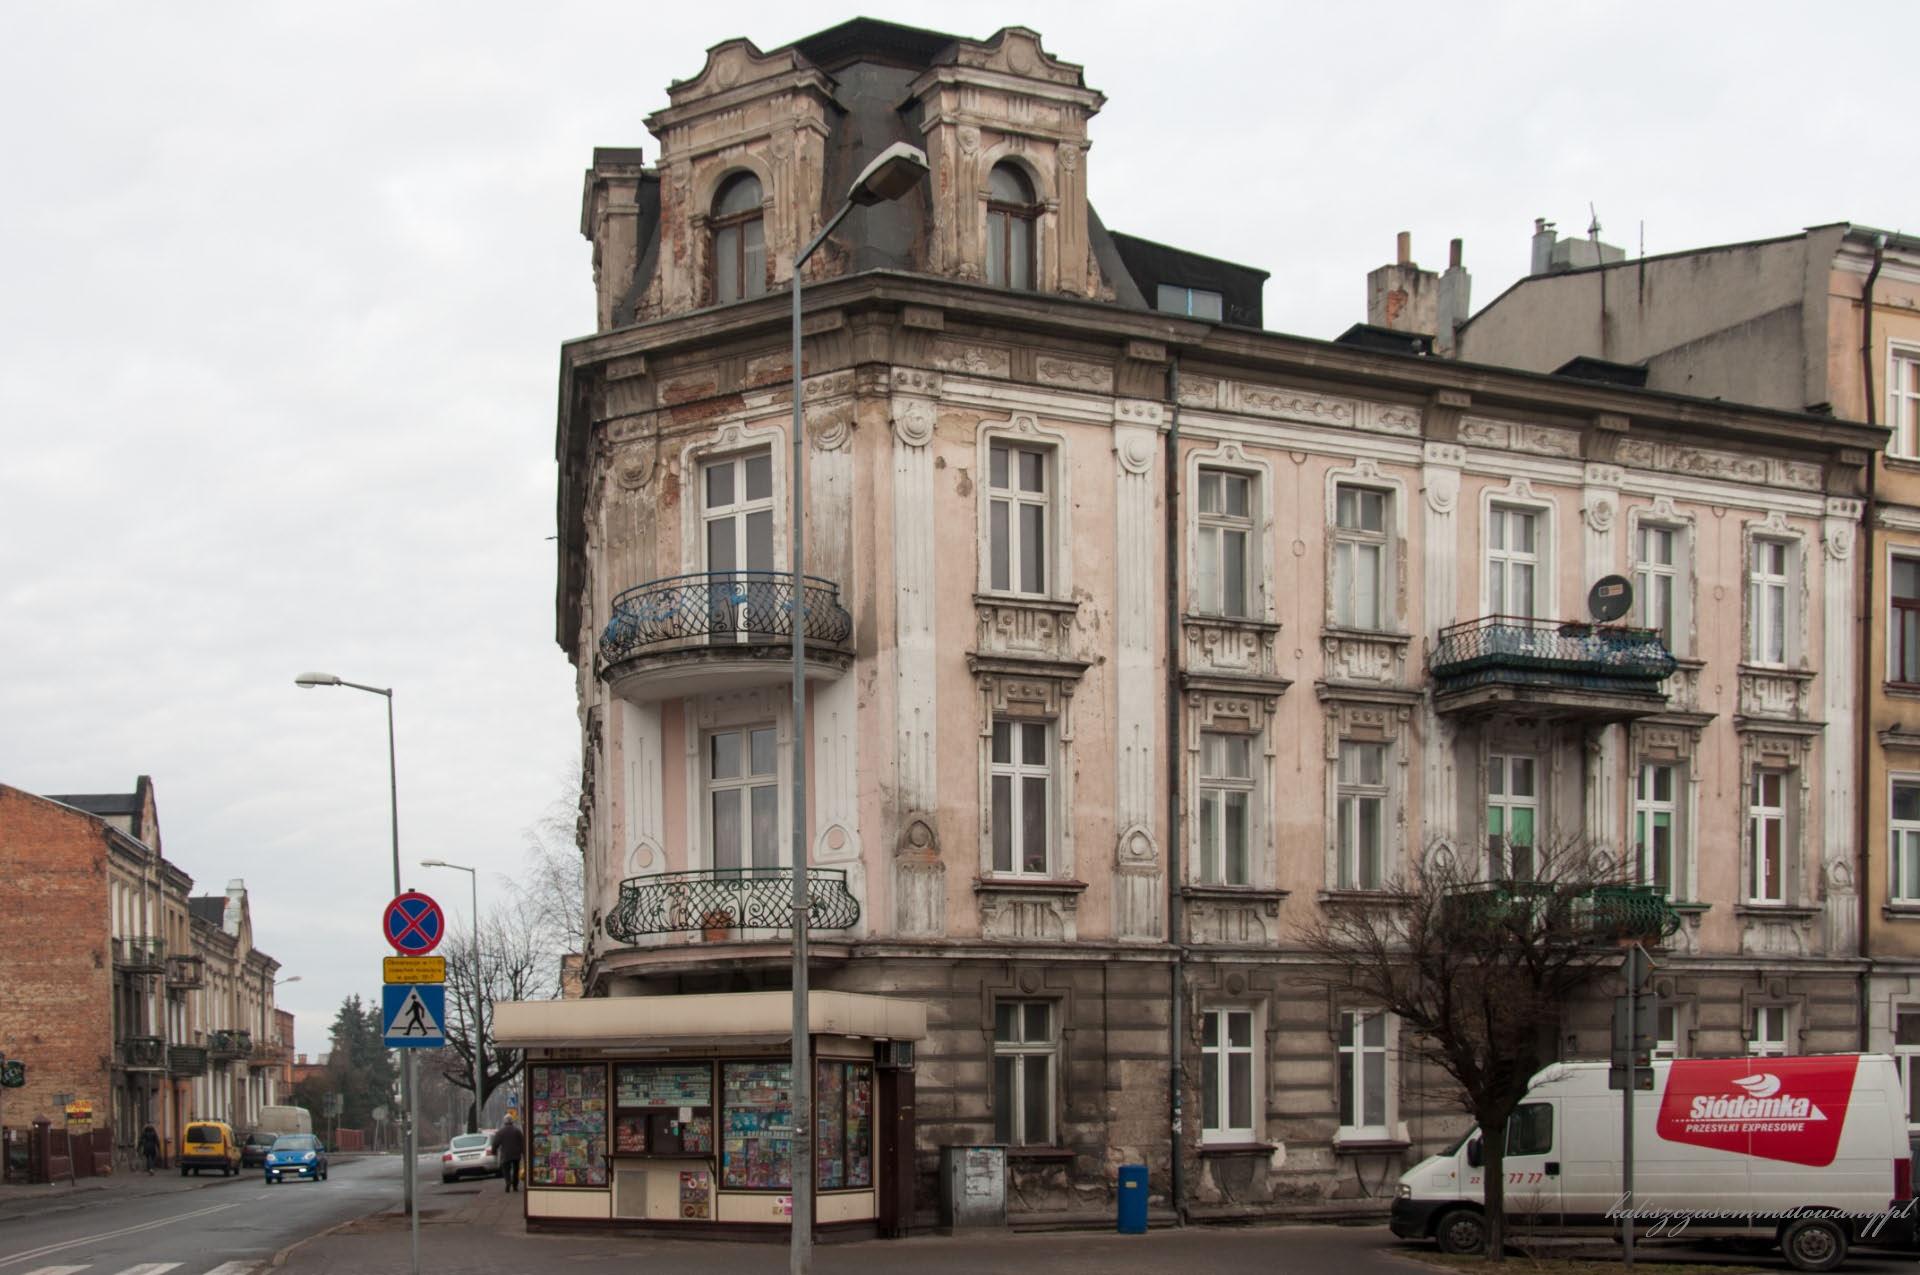 Gornoslaska27-02